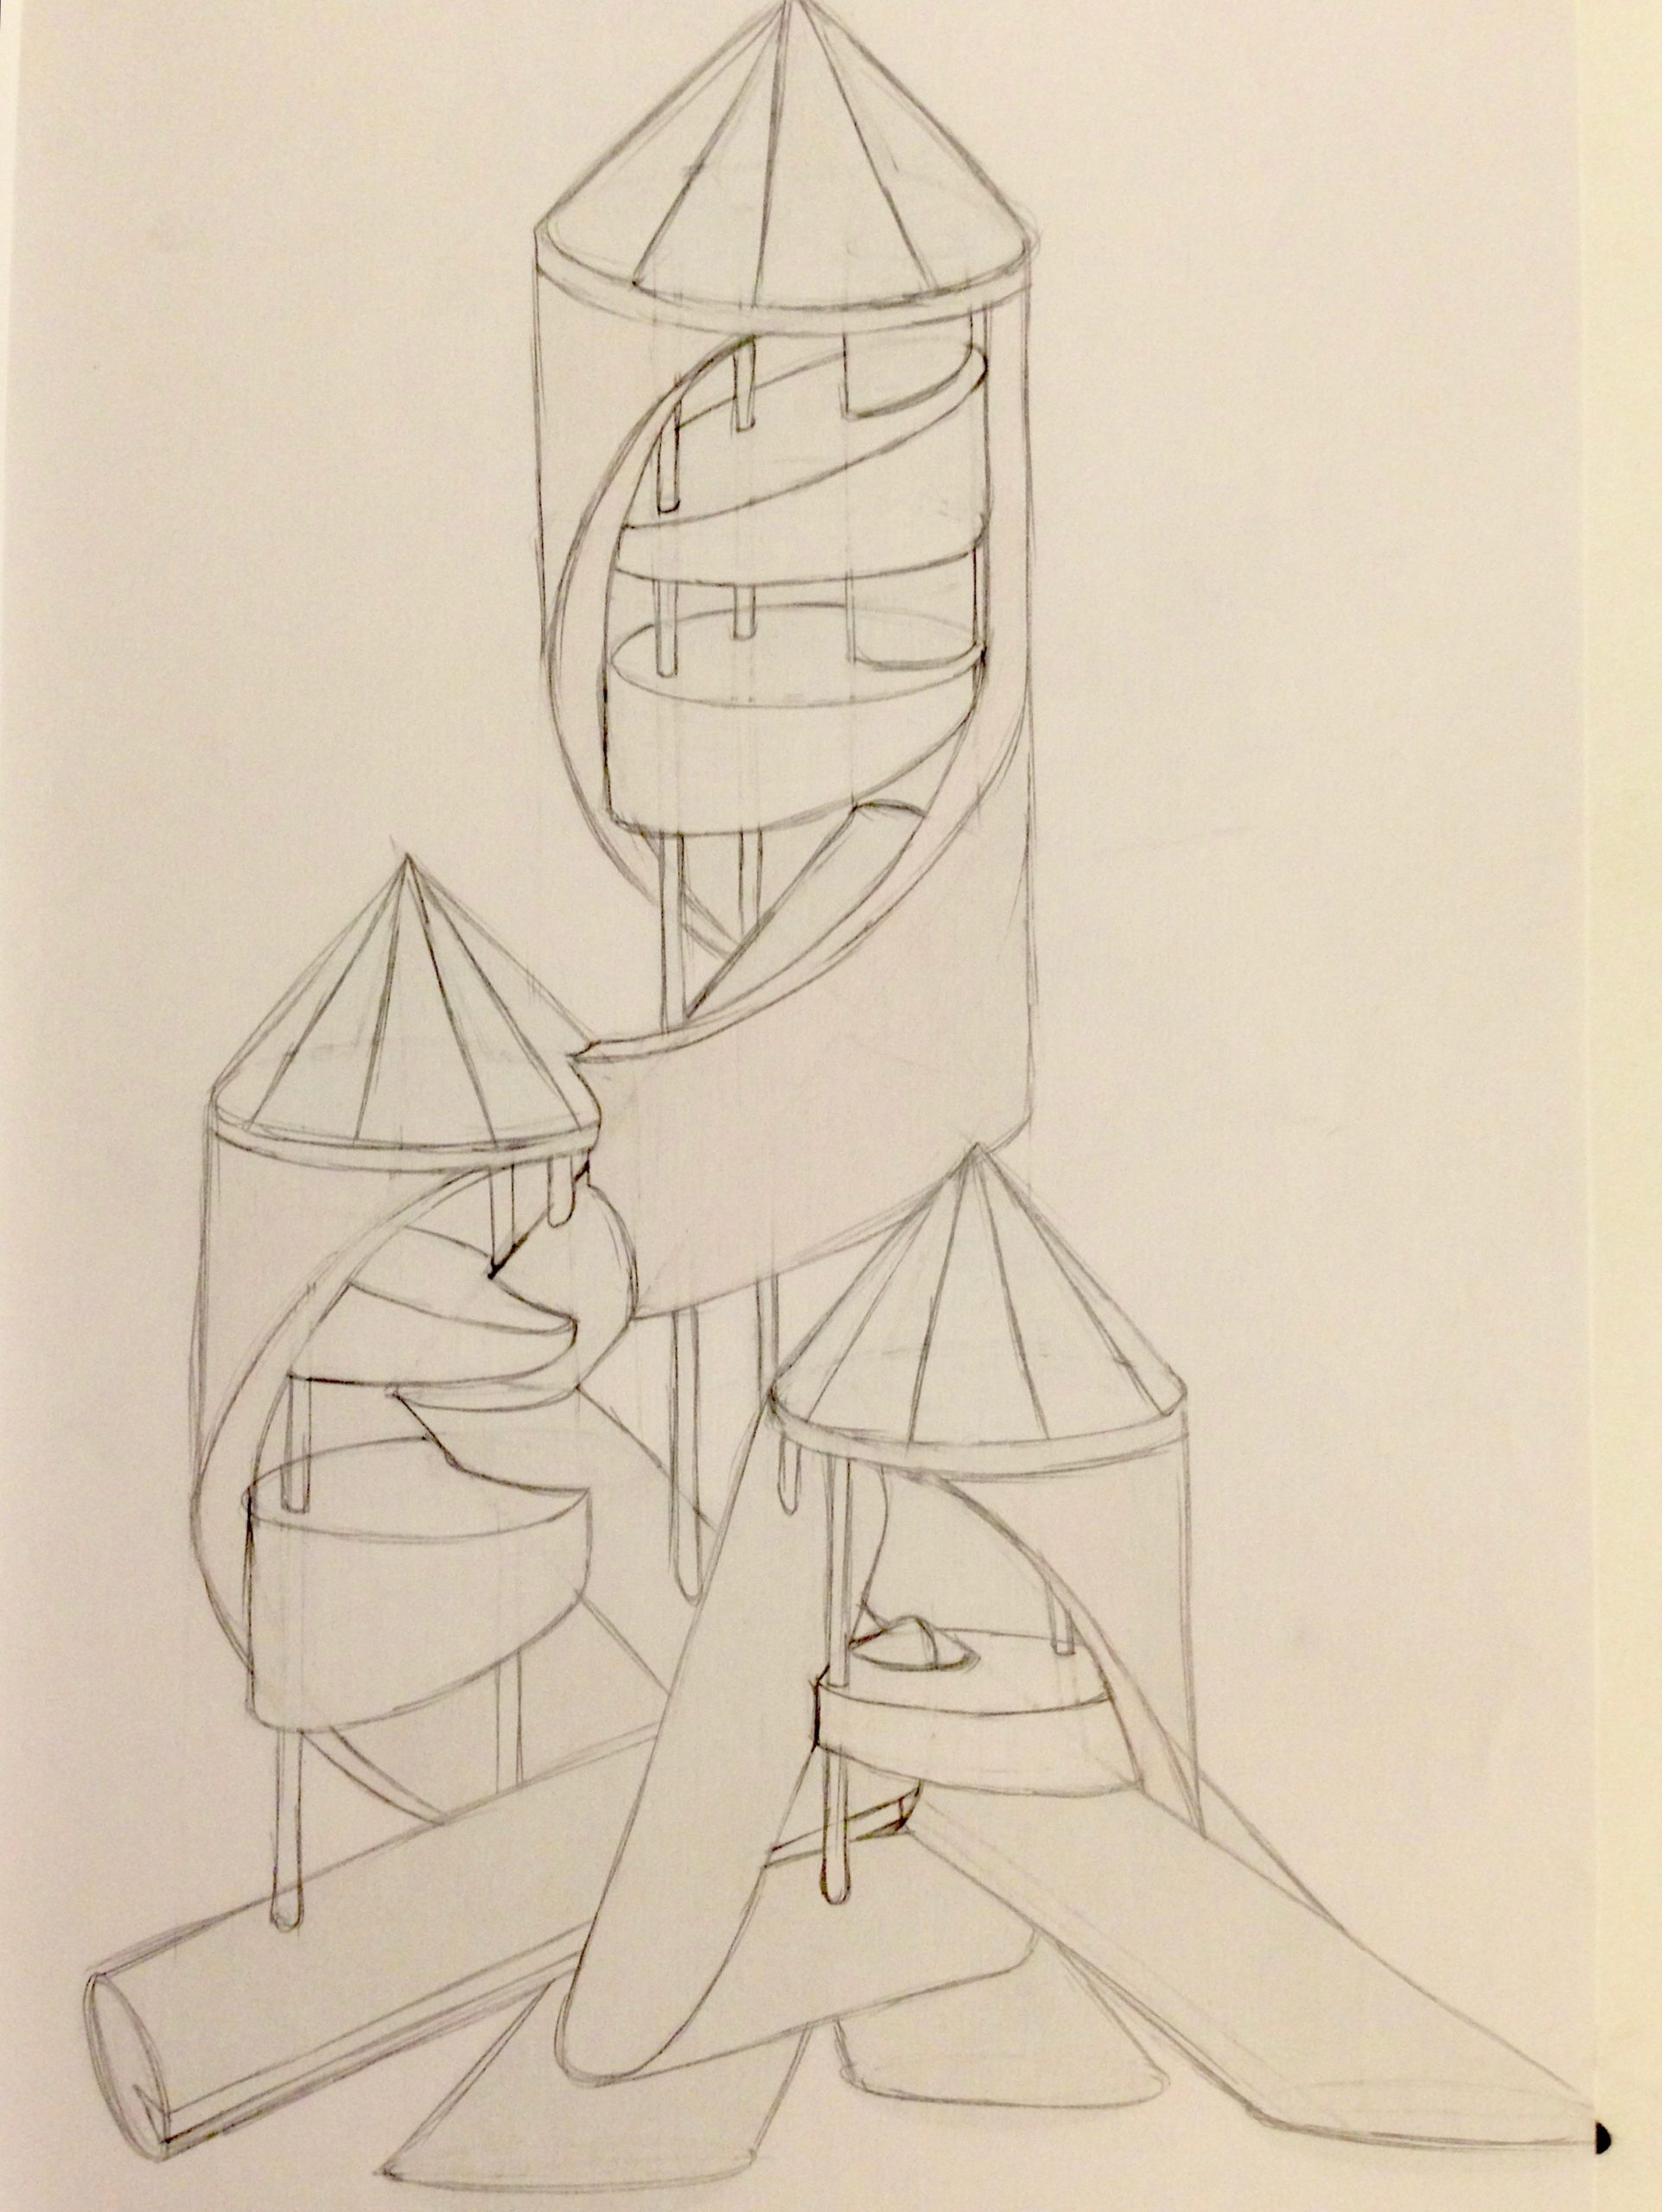 Raumschiff-Statue